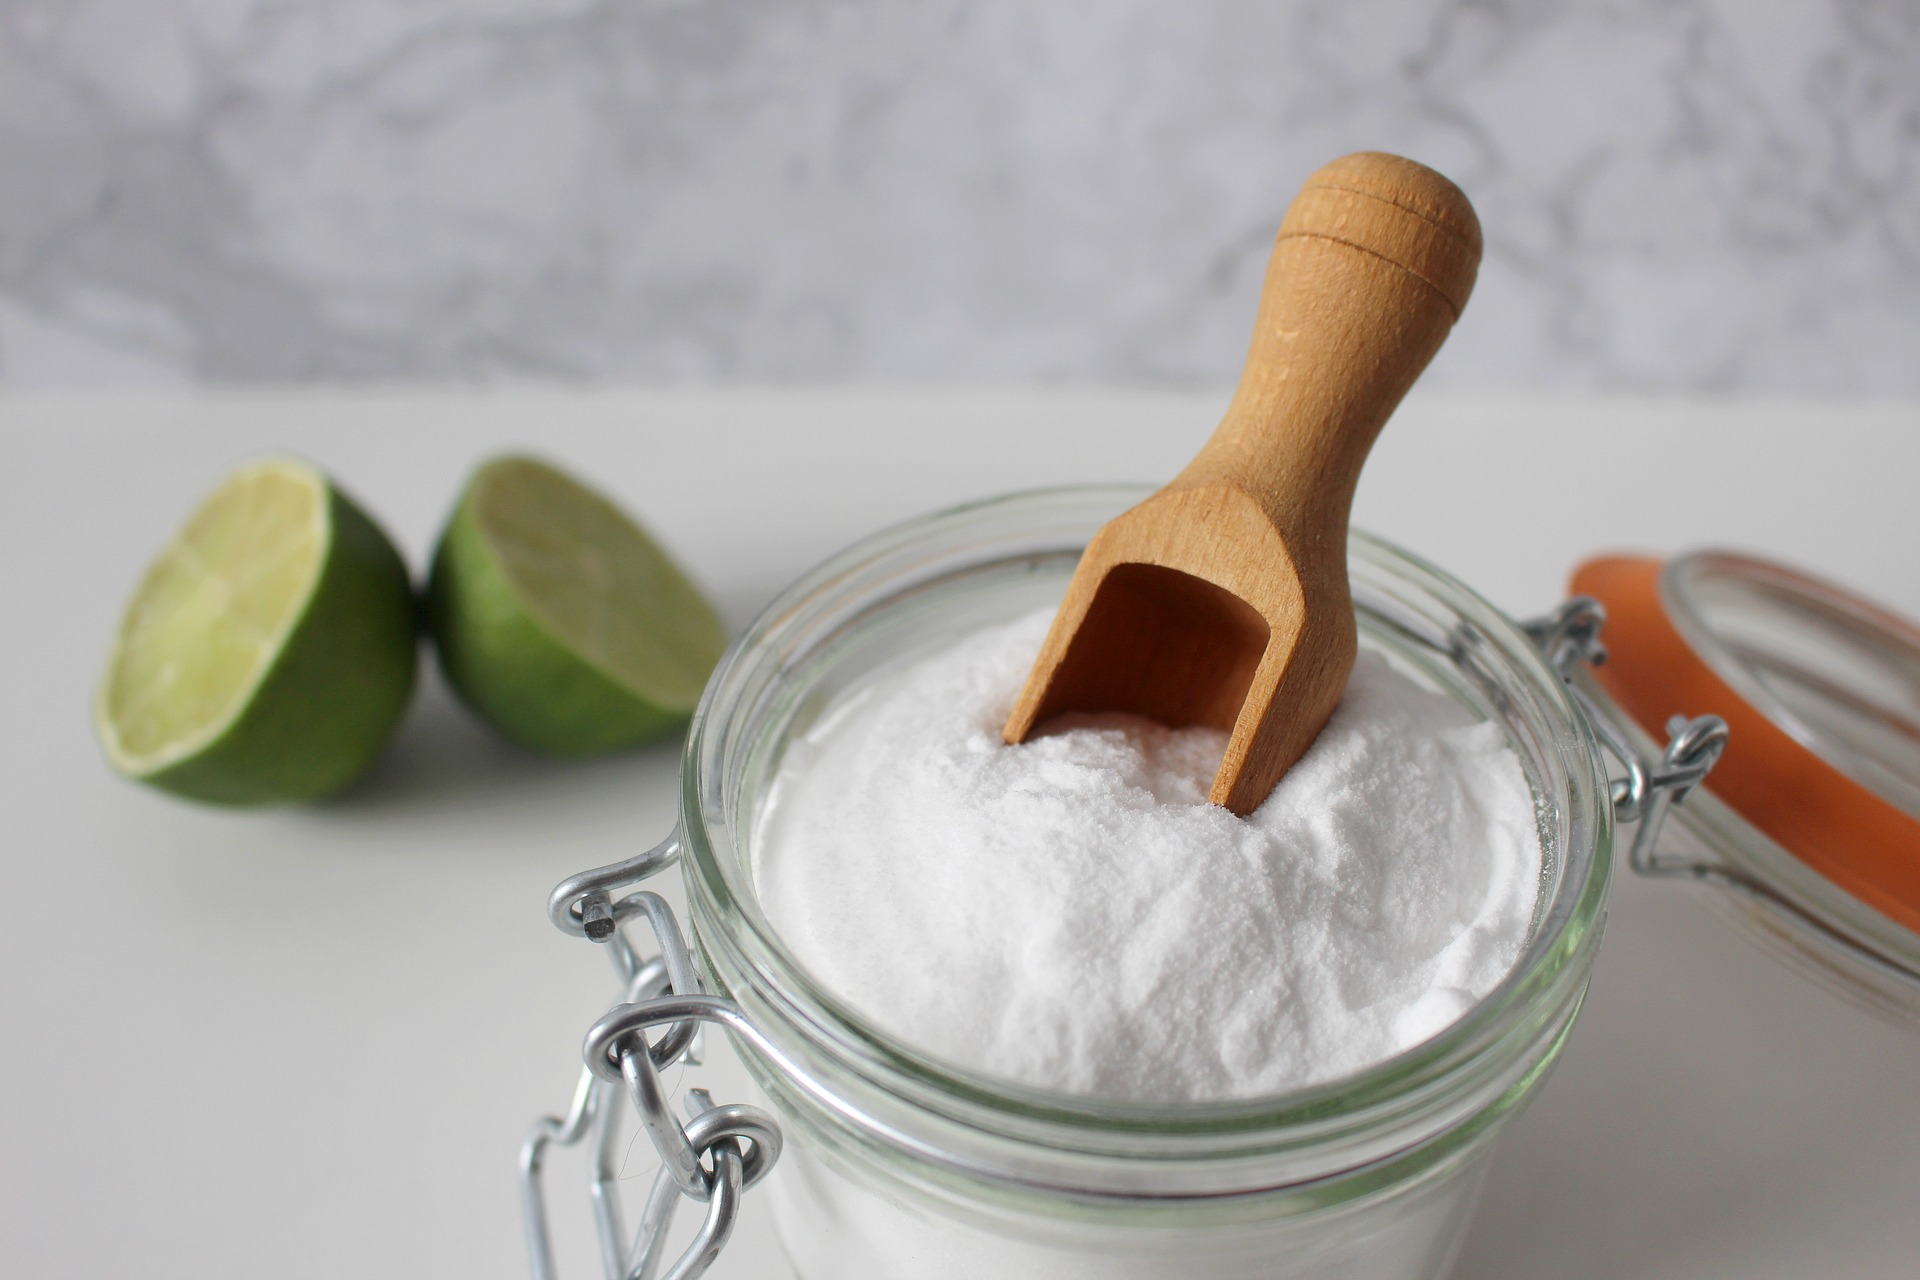 Comment Nettoyer Sa Machine À Laver Avec Bicarbonate De Soude qu'est-ce que le bicarbonate de soude ? - l'atelier de rose